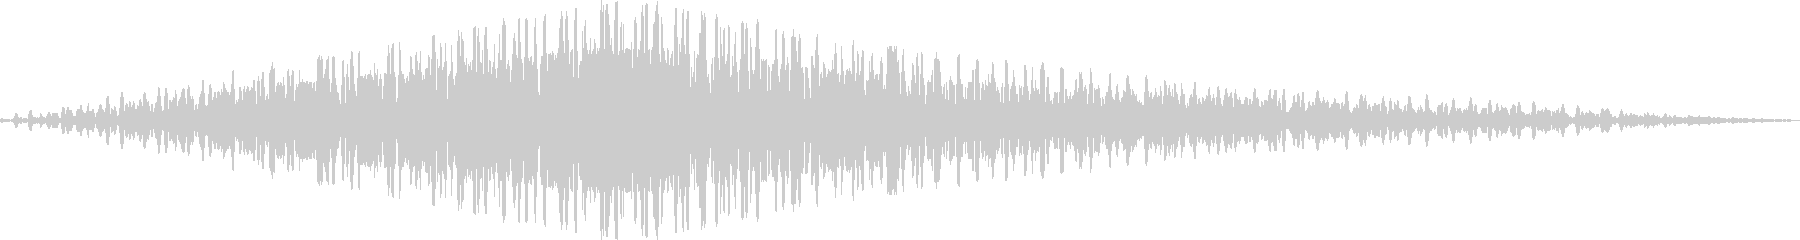 シンセの回転音の未再生の波形